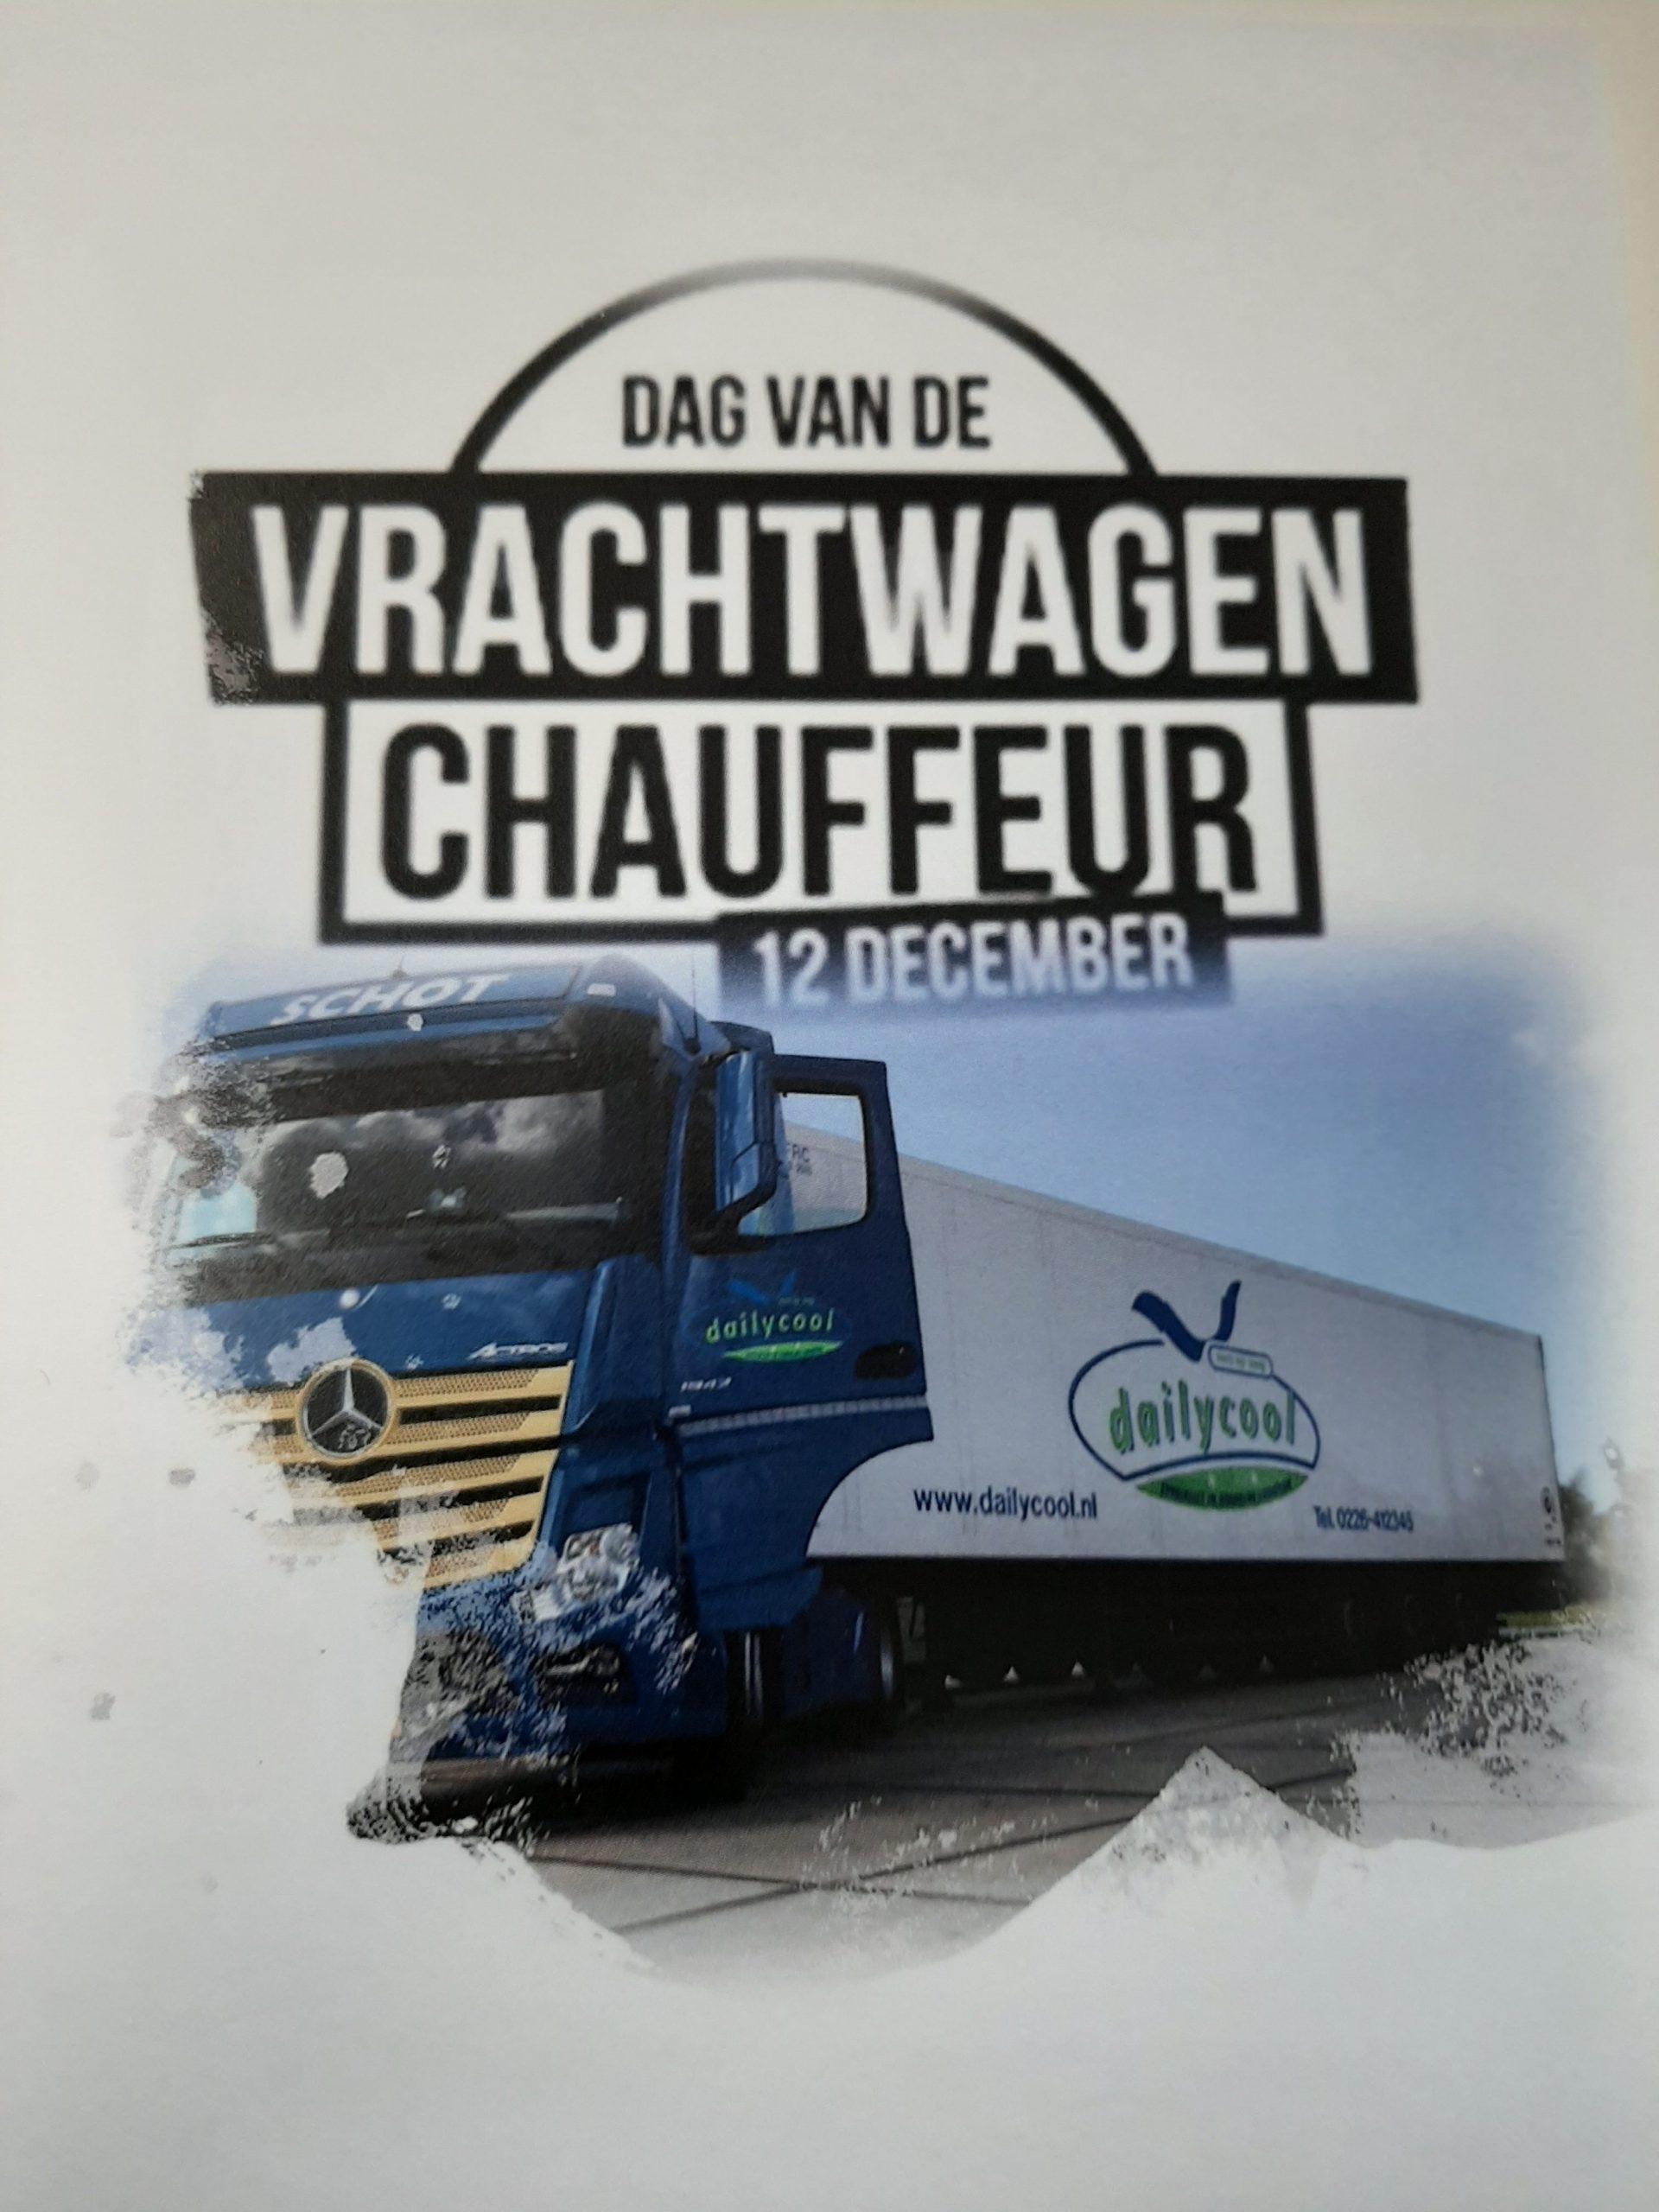 dag van de vrachtwagen chauffeur